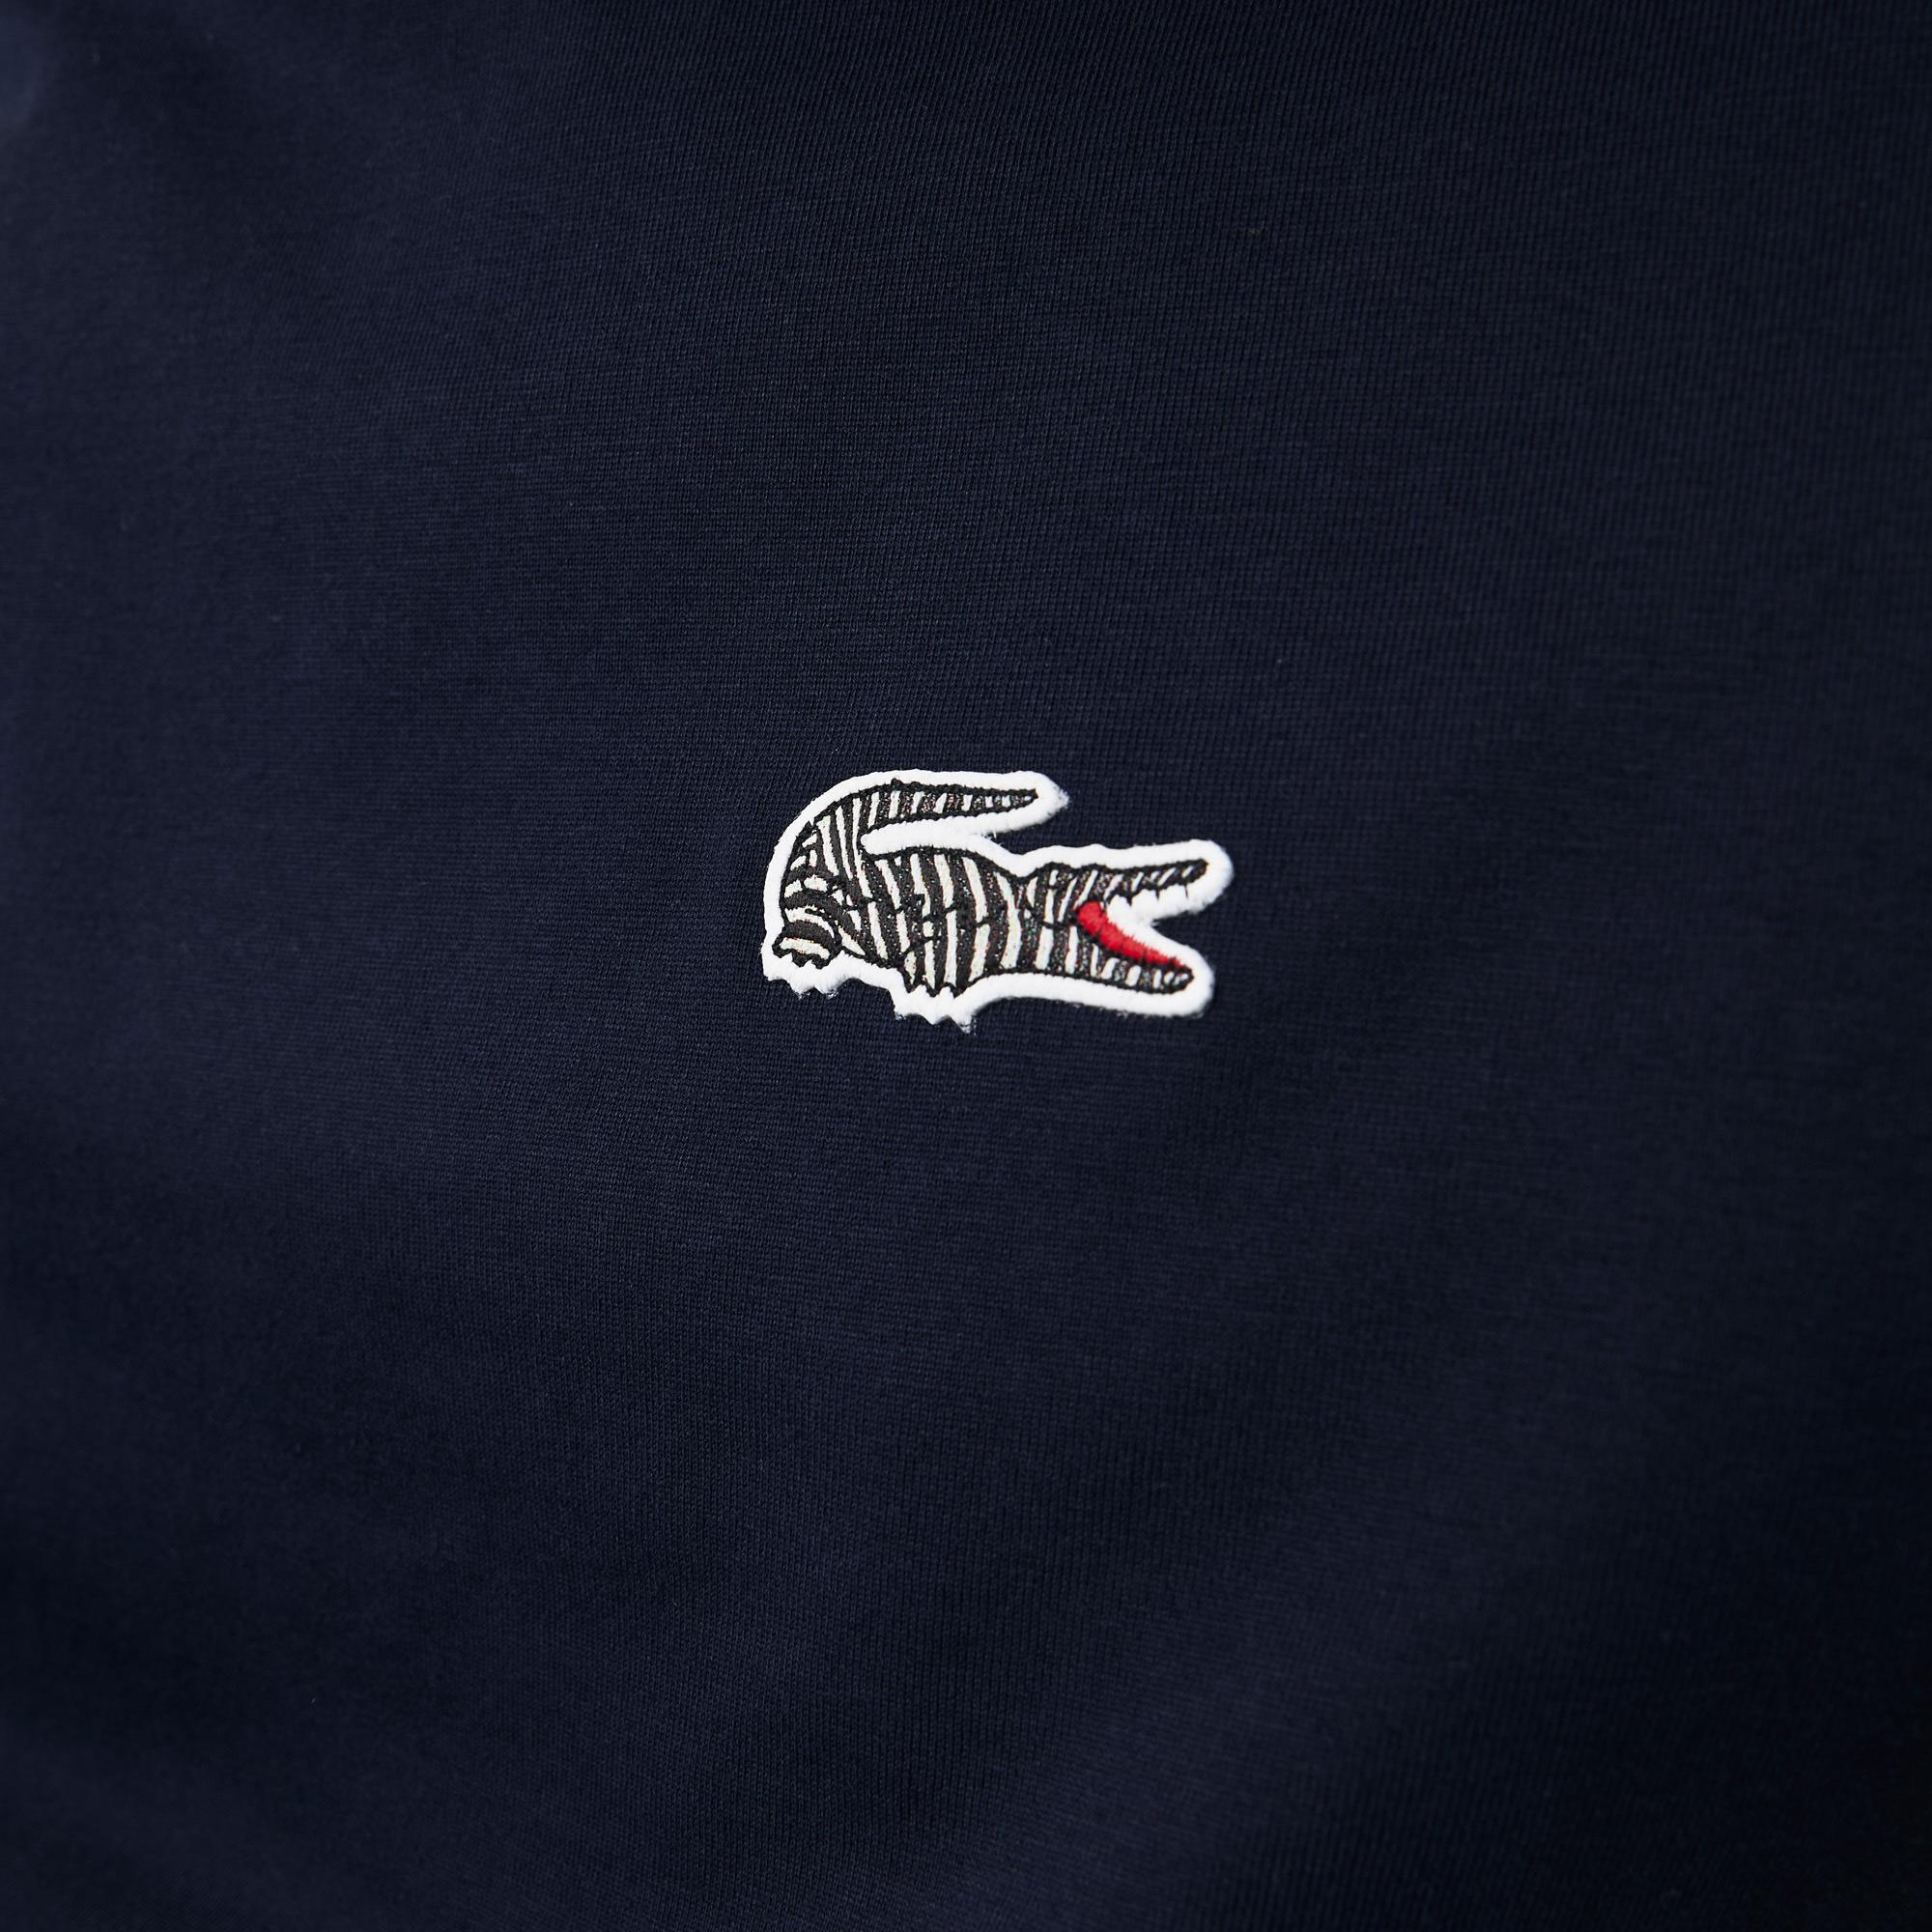 Lacoste x National Geographic X National Geographic Męski T-Shirt Z Organicznej Bawełny